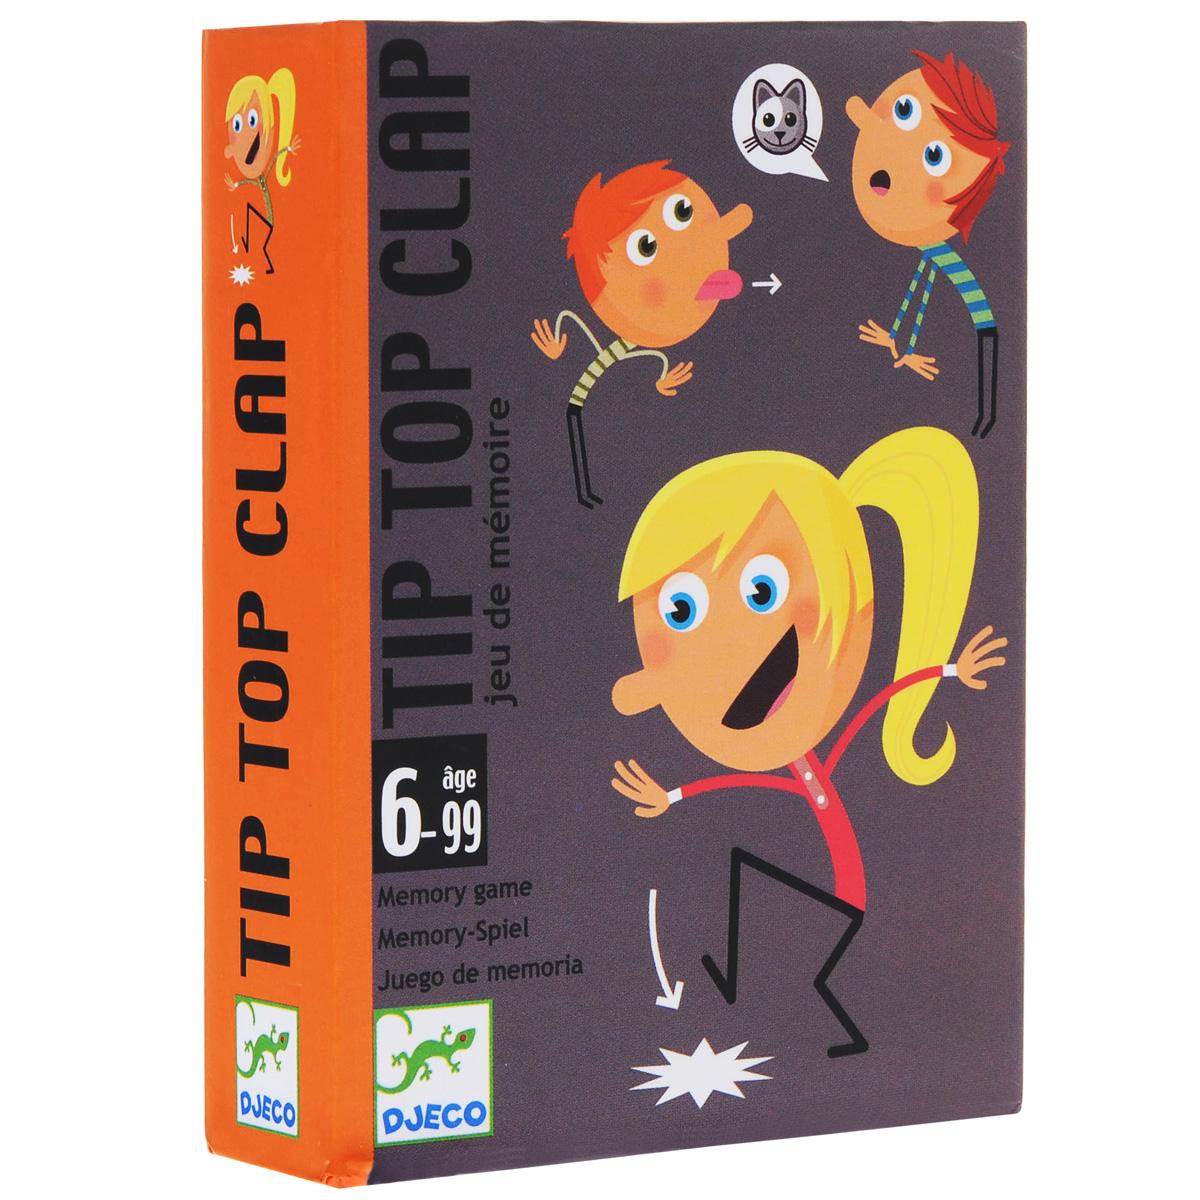 Карточная игра Djeco Теки05120Карточная игра «Теки» от французской компании Djeco сделает любой детский праздник веселым, а также разнообразит досуг вашего малыша. Фирма Djeco выпускает высококачественные игрушки, которые несут образовательный и развлекательный характер, к разработке привлекаются детские психологи, профессиональные дизайнеры и иллюстраторы. В набор входит колода из 32 карт с изображением различных заданий (1- похлопать в ладоши, 2- посвистеть, 3- подмигнуть, 4- изобразить «пук», 5- ударить по столу рукой, 6- показать язык, 7- помяукать, 8 – постучать по полу ногой), инструкция с правилами. Играть можно вдвоем или компанией до 5 человек. Колода кладется в центре, игроки по очереди вытаскивают карты с заданием, при этом необходимо выполнить не только свое, но и повторить все предыдущие в правильной последовательности. Тот, кто допускает ошибку, получает штрафную карту. Длительность игры определяют сами дети, победителем становится игрок с минимальным количеством карт.